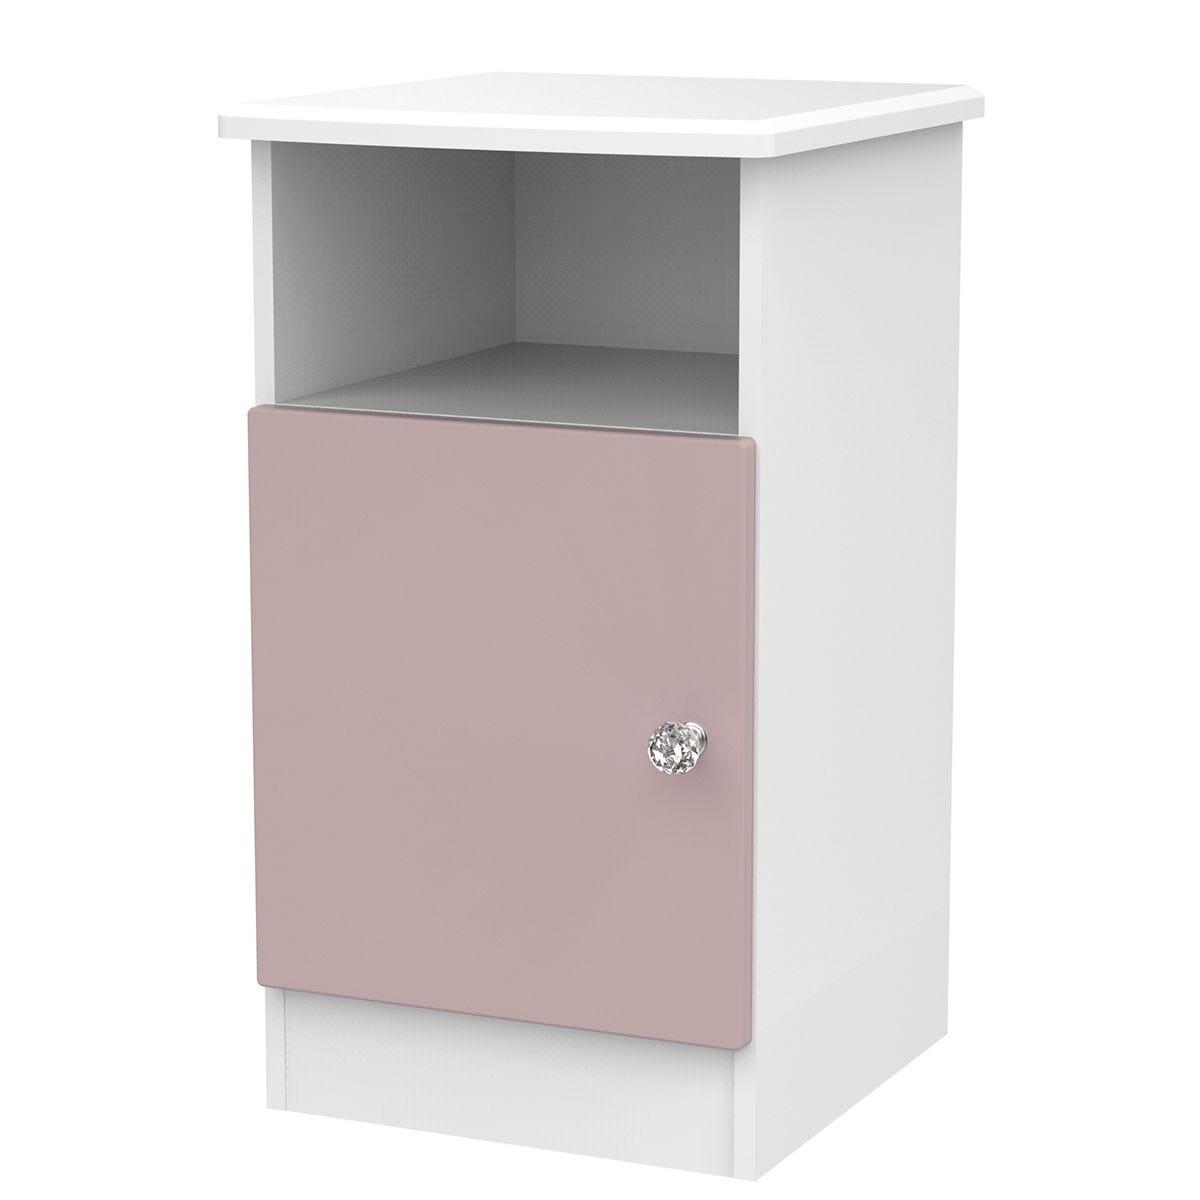 Tedesca 1-Door Bedside Table - Pink